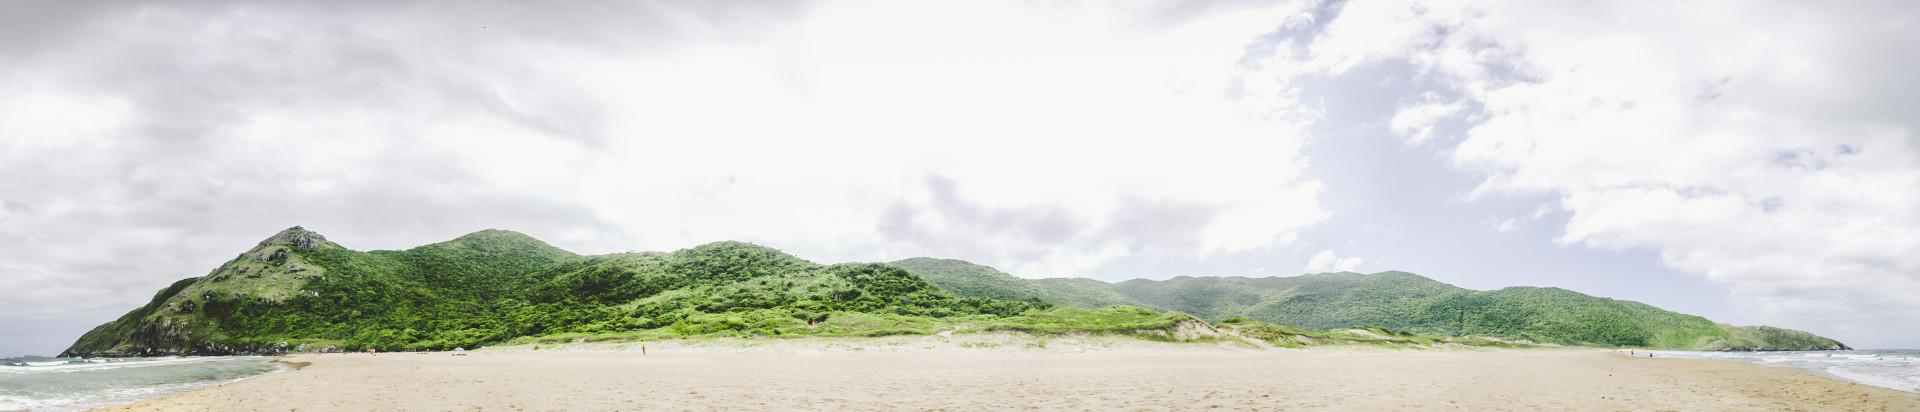 Parque Municipal da Lagoinha do Leste